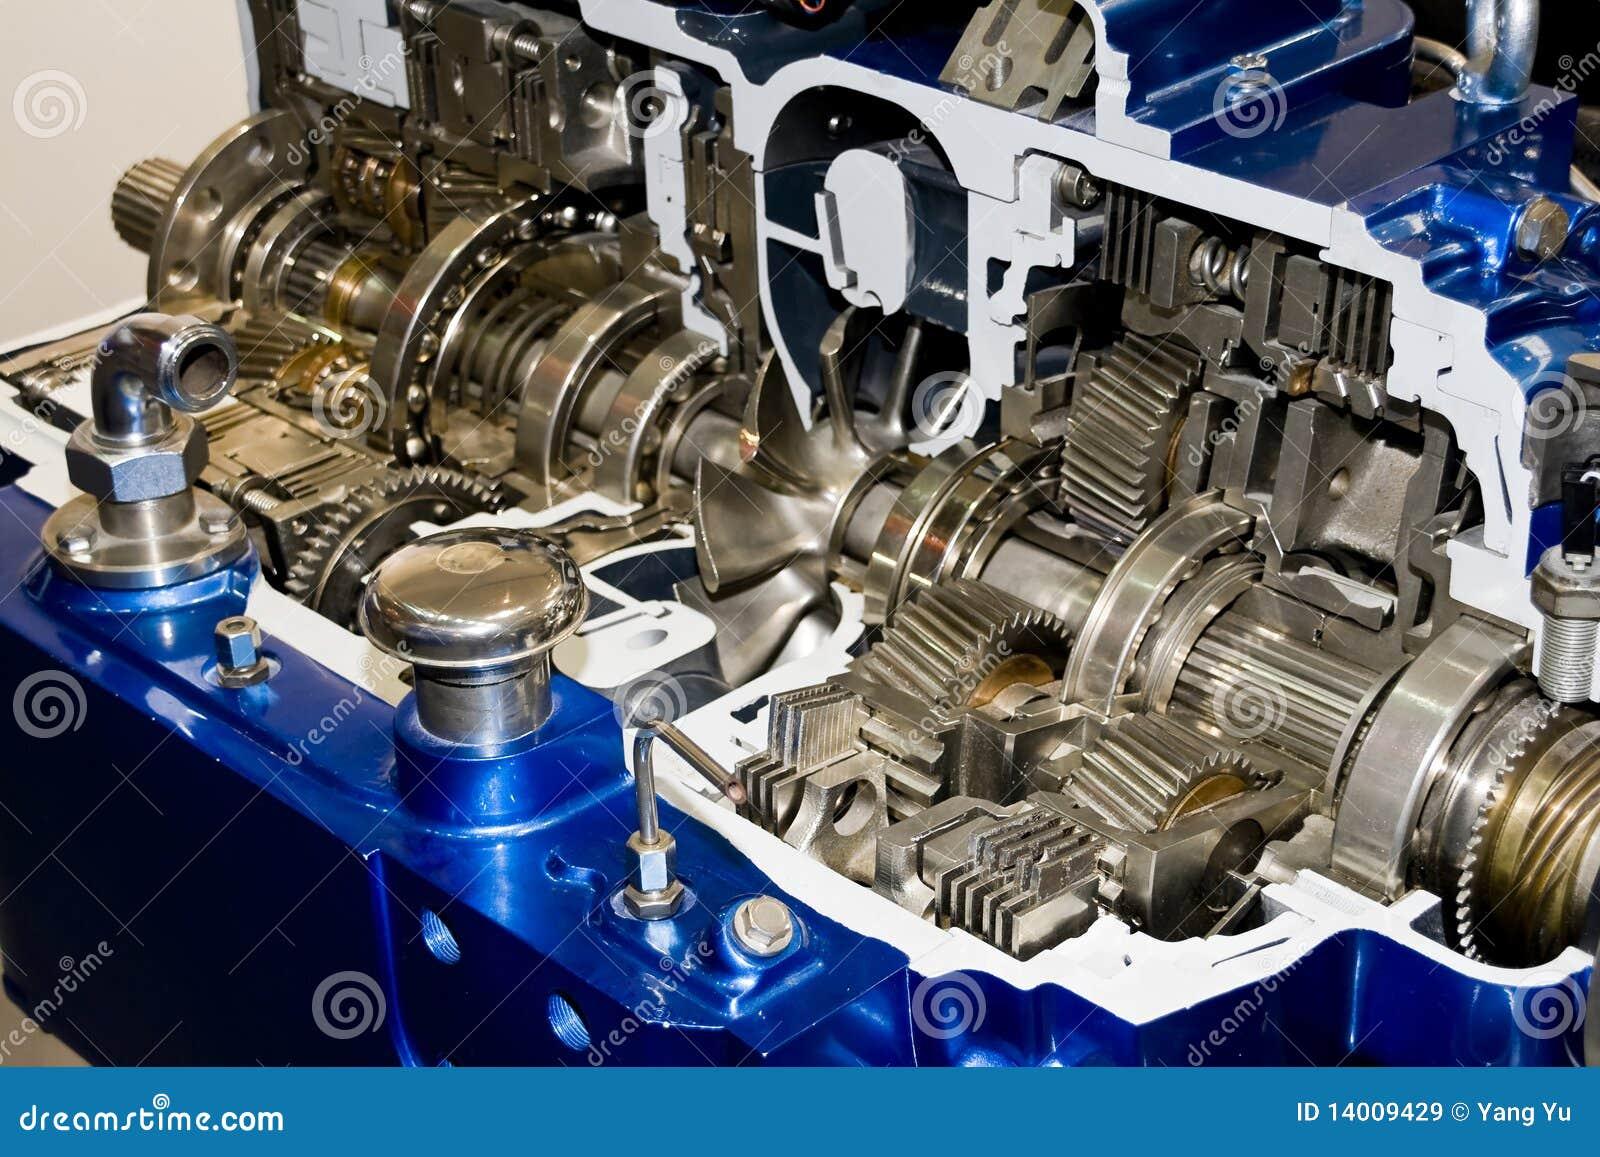 automatische versnellingsbak stock afbeelding afbeelding bestaande uit auto motor 14009429. Black Bedroom Furniture Sets. Home Design Ideas